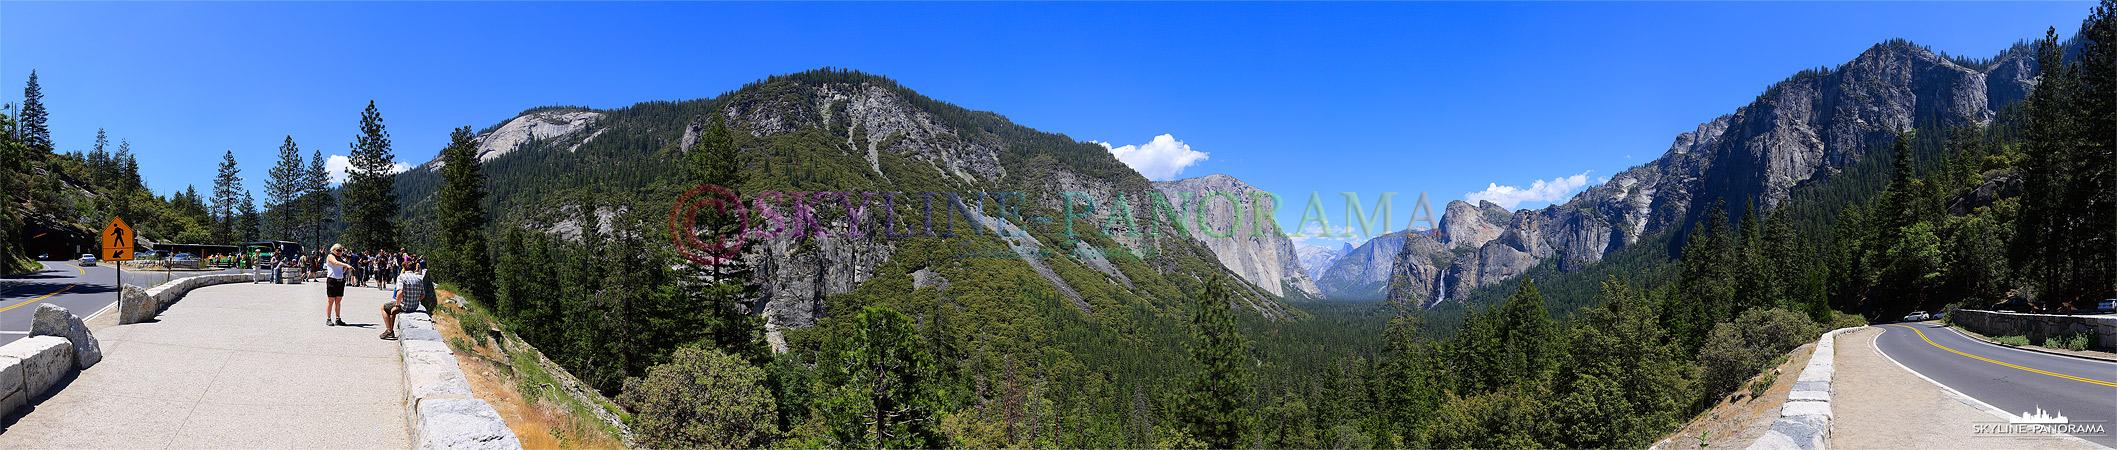 Bilder Yosemite Nationalpark - Hinter der südlichen Einfahrt in den Yosemite Park, nach dem ca. 1,3km langen Wawona Tunnel, befindet sich der Tunnel View Point.